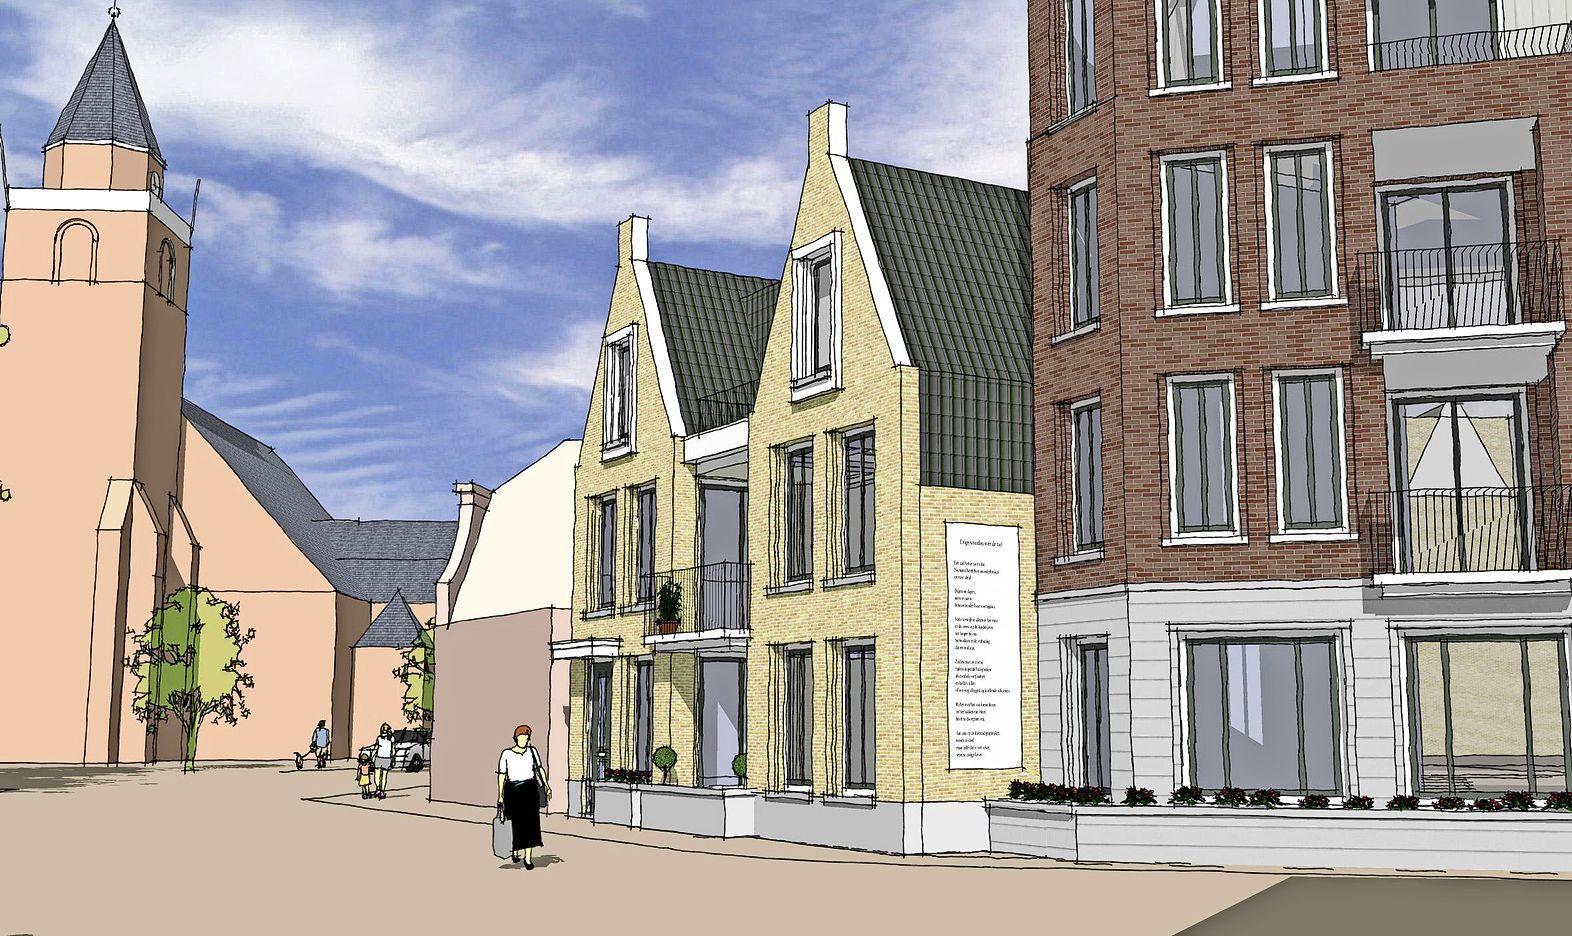 Inschrijving van nieuwbouwwoningen in Hof van Rijnsburg van start, gemeente sluit nieuwe overeenkomst met ontwikkelaar